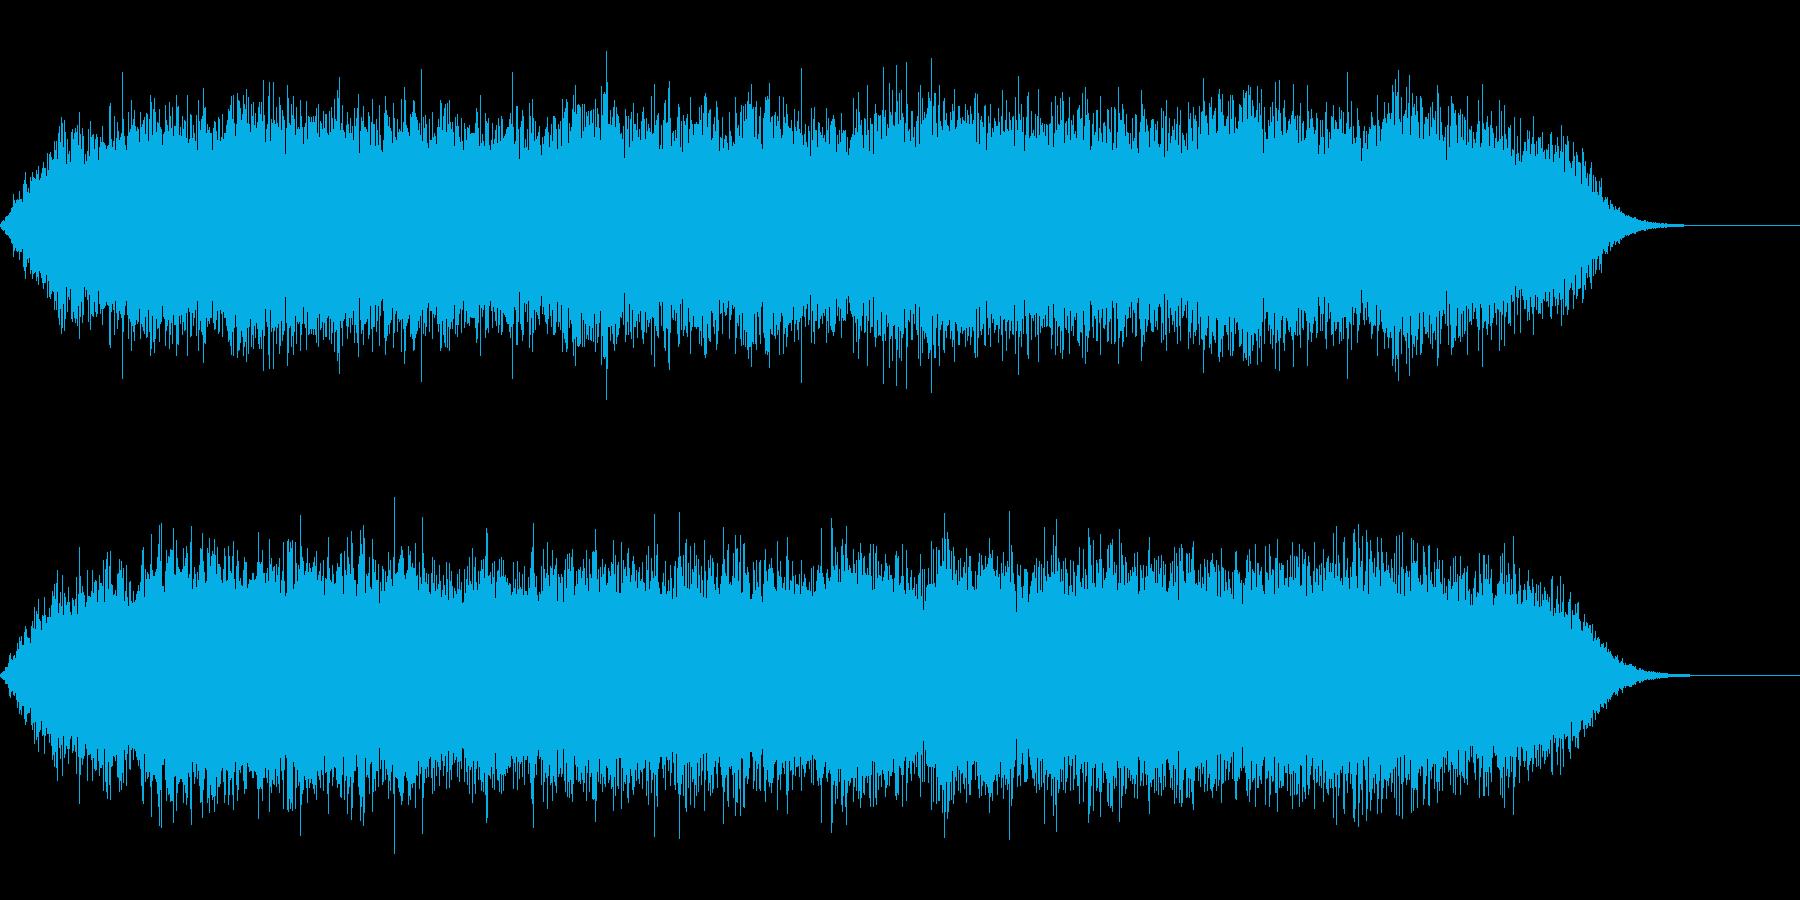 Dark_ホラーで怪しく神秘的-21_Sの再生済みの波形